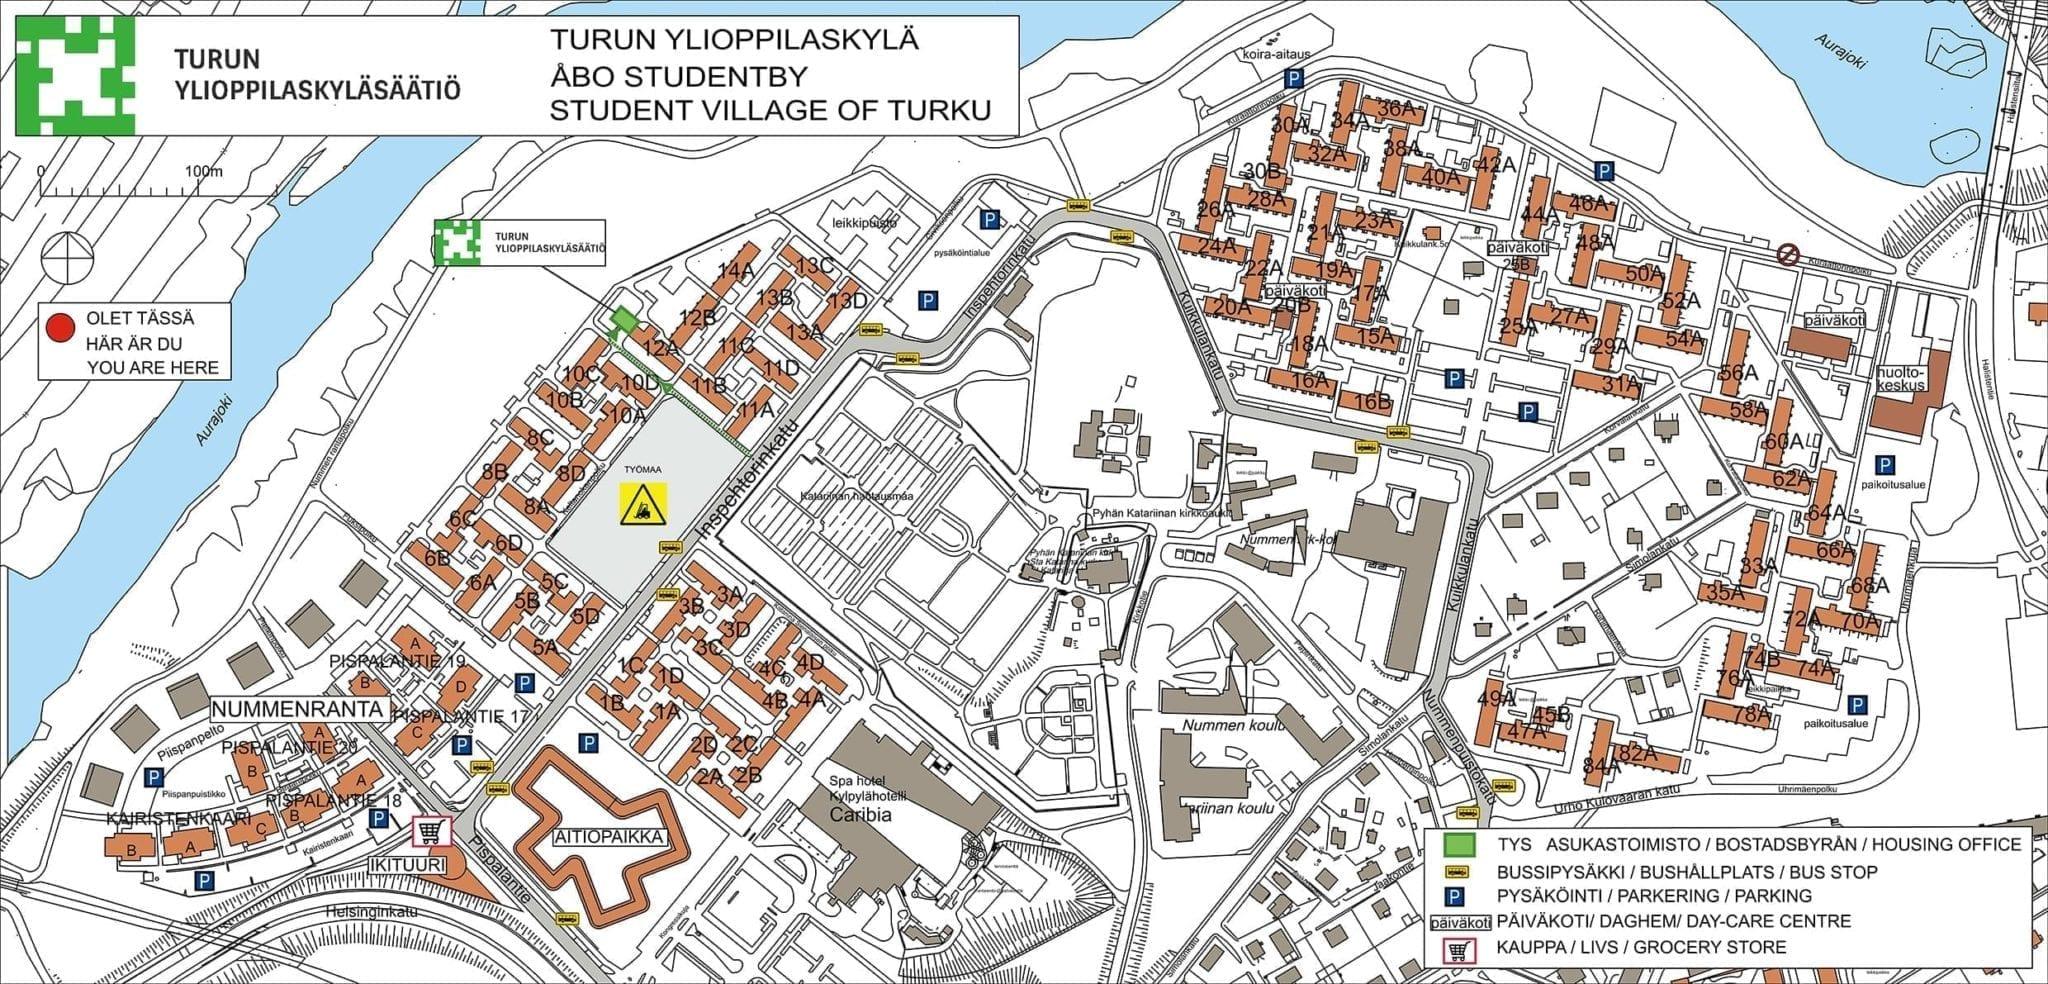 Exchange Students Apartments Tys Turun Ylioppilaskylasaatio